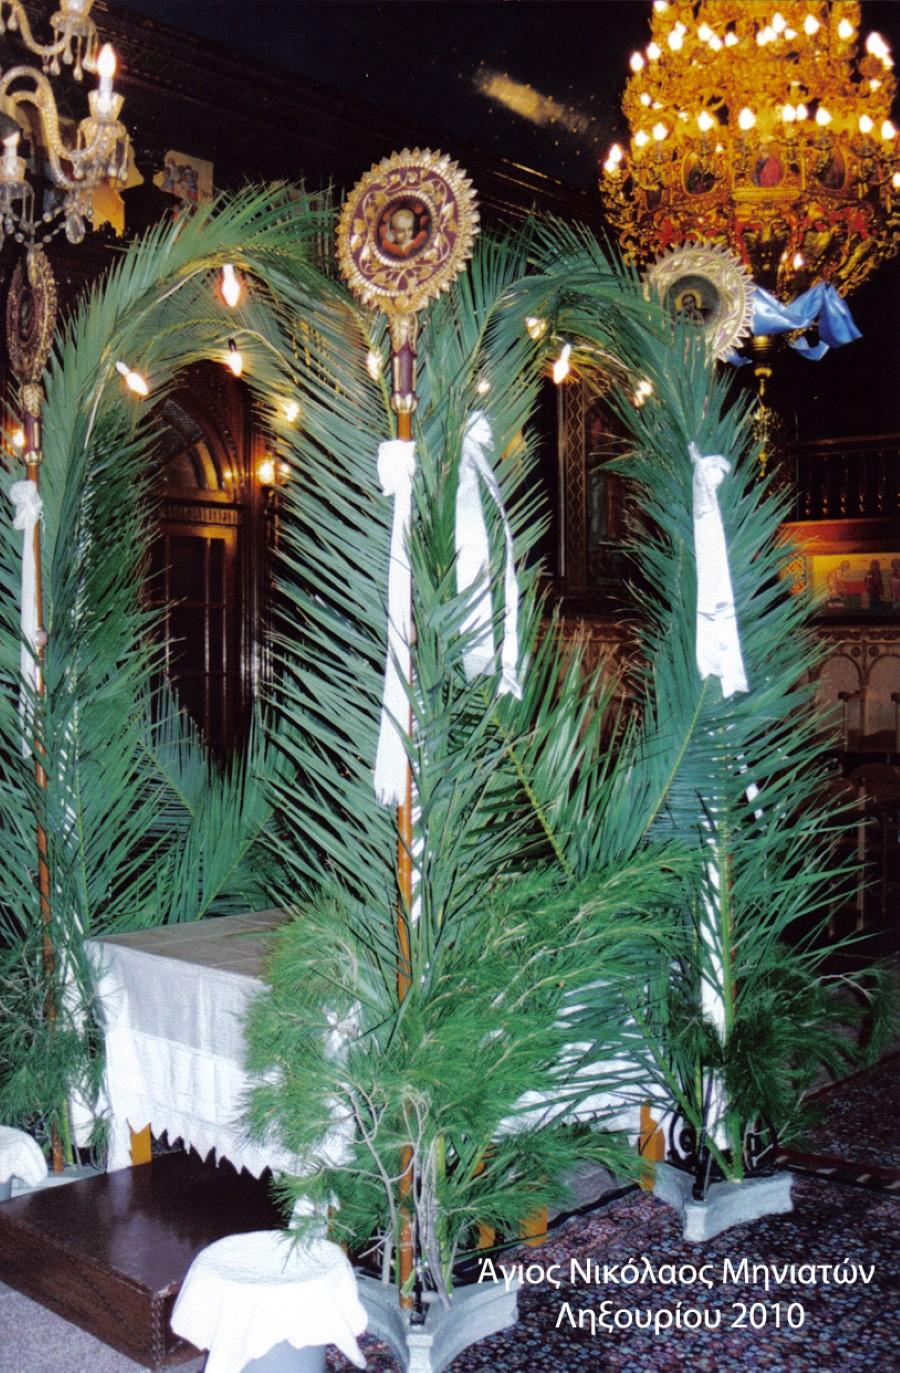 το πάρκο της Βάπτισης στον Άγιο Νικόλαο Μηνιατών